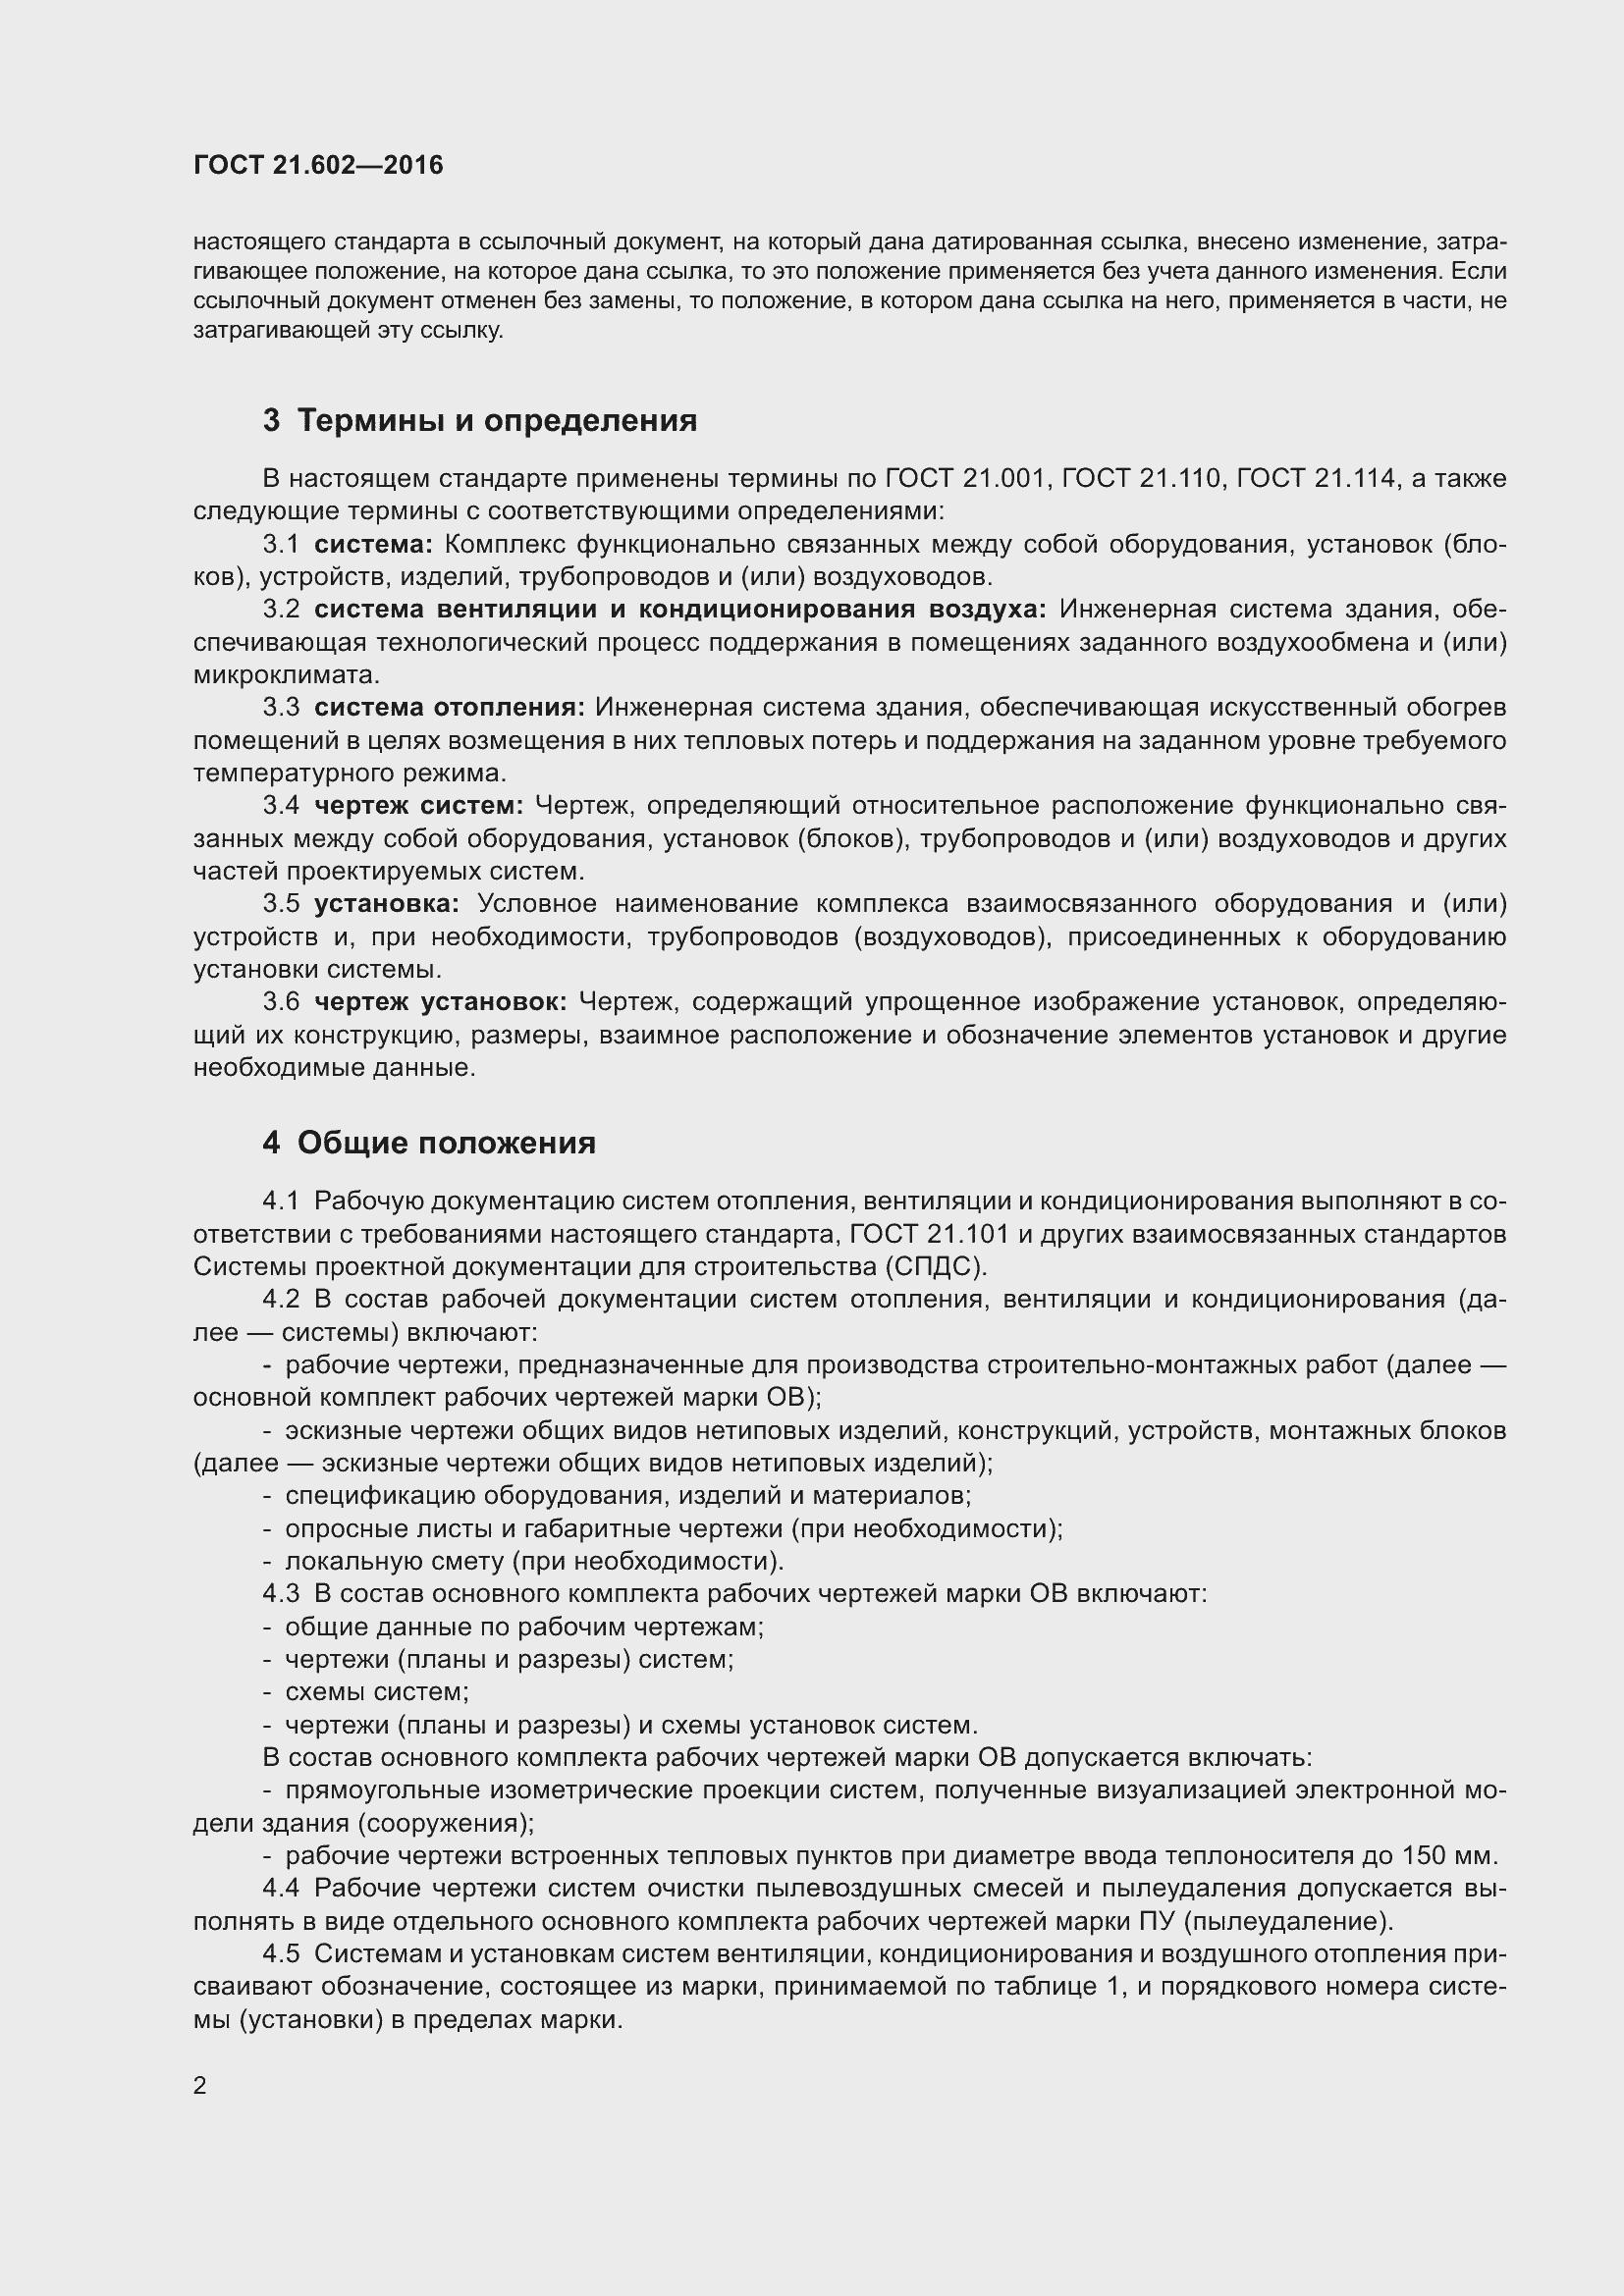 ГОСТ 21.602-2016. Страница 7